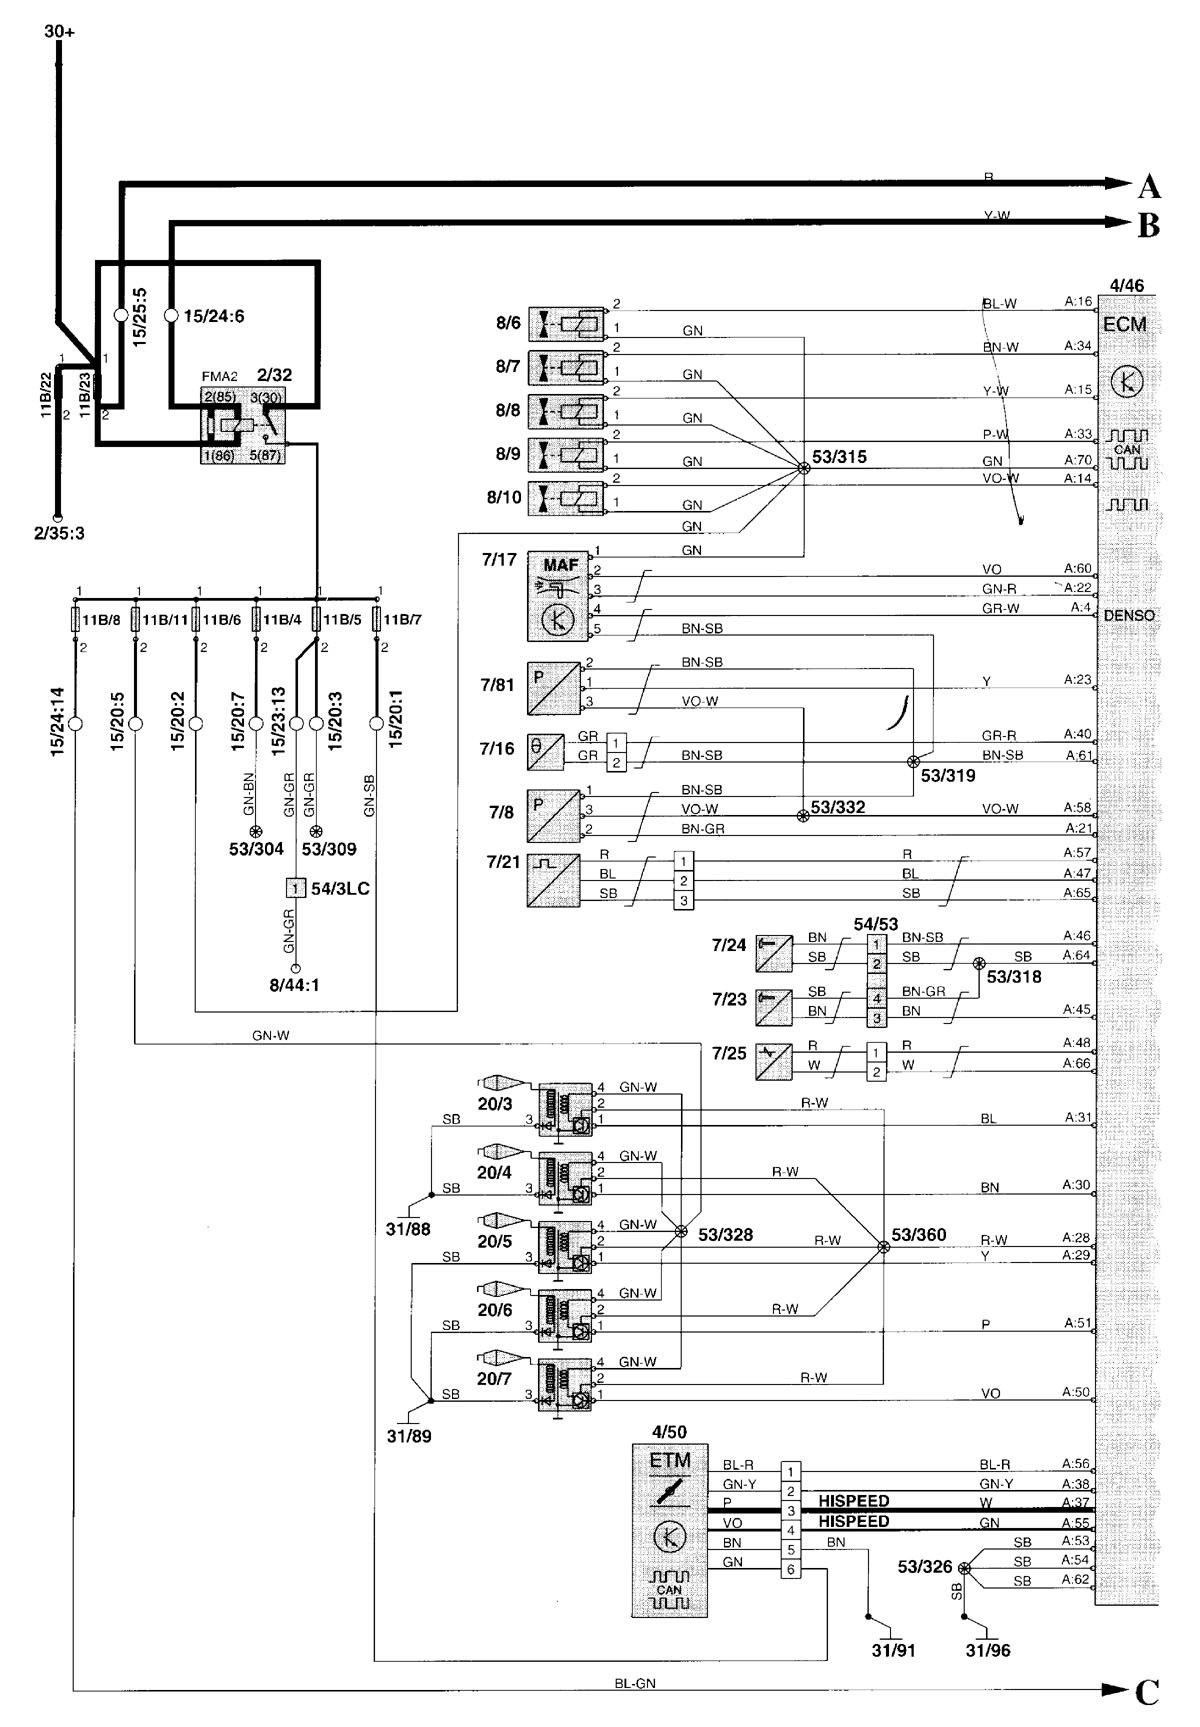 volvo v70  2001  - wiring diagrams - fuel controls